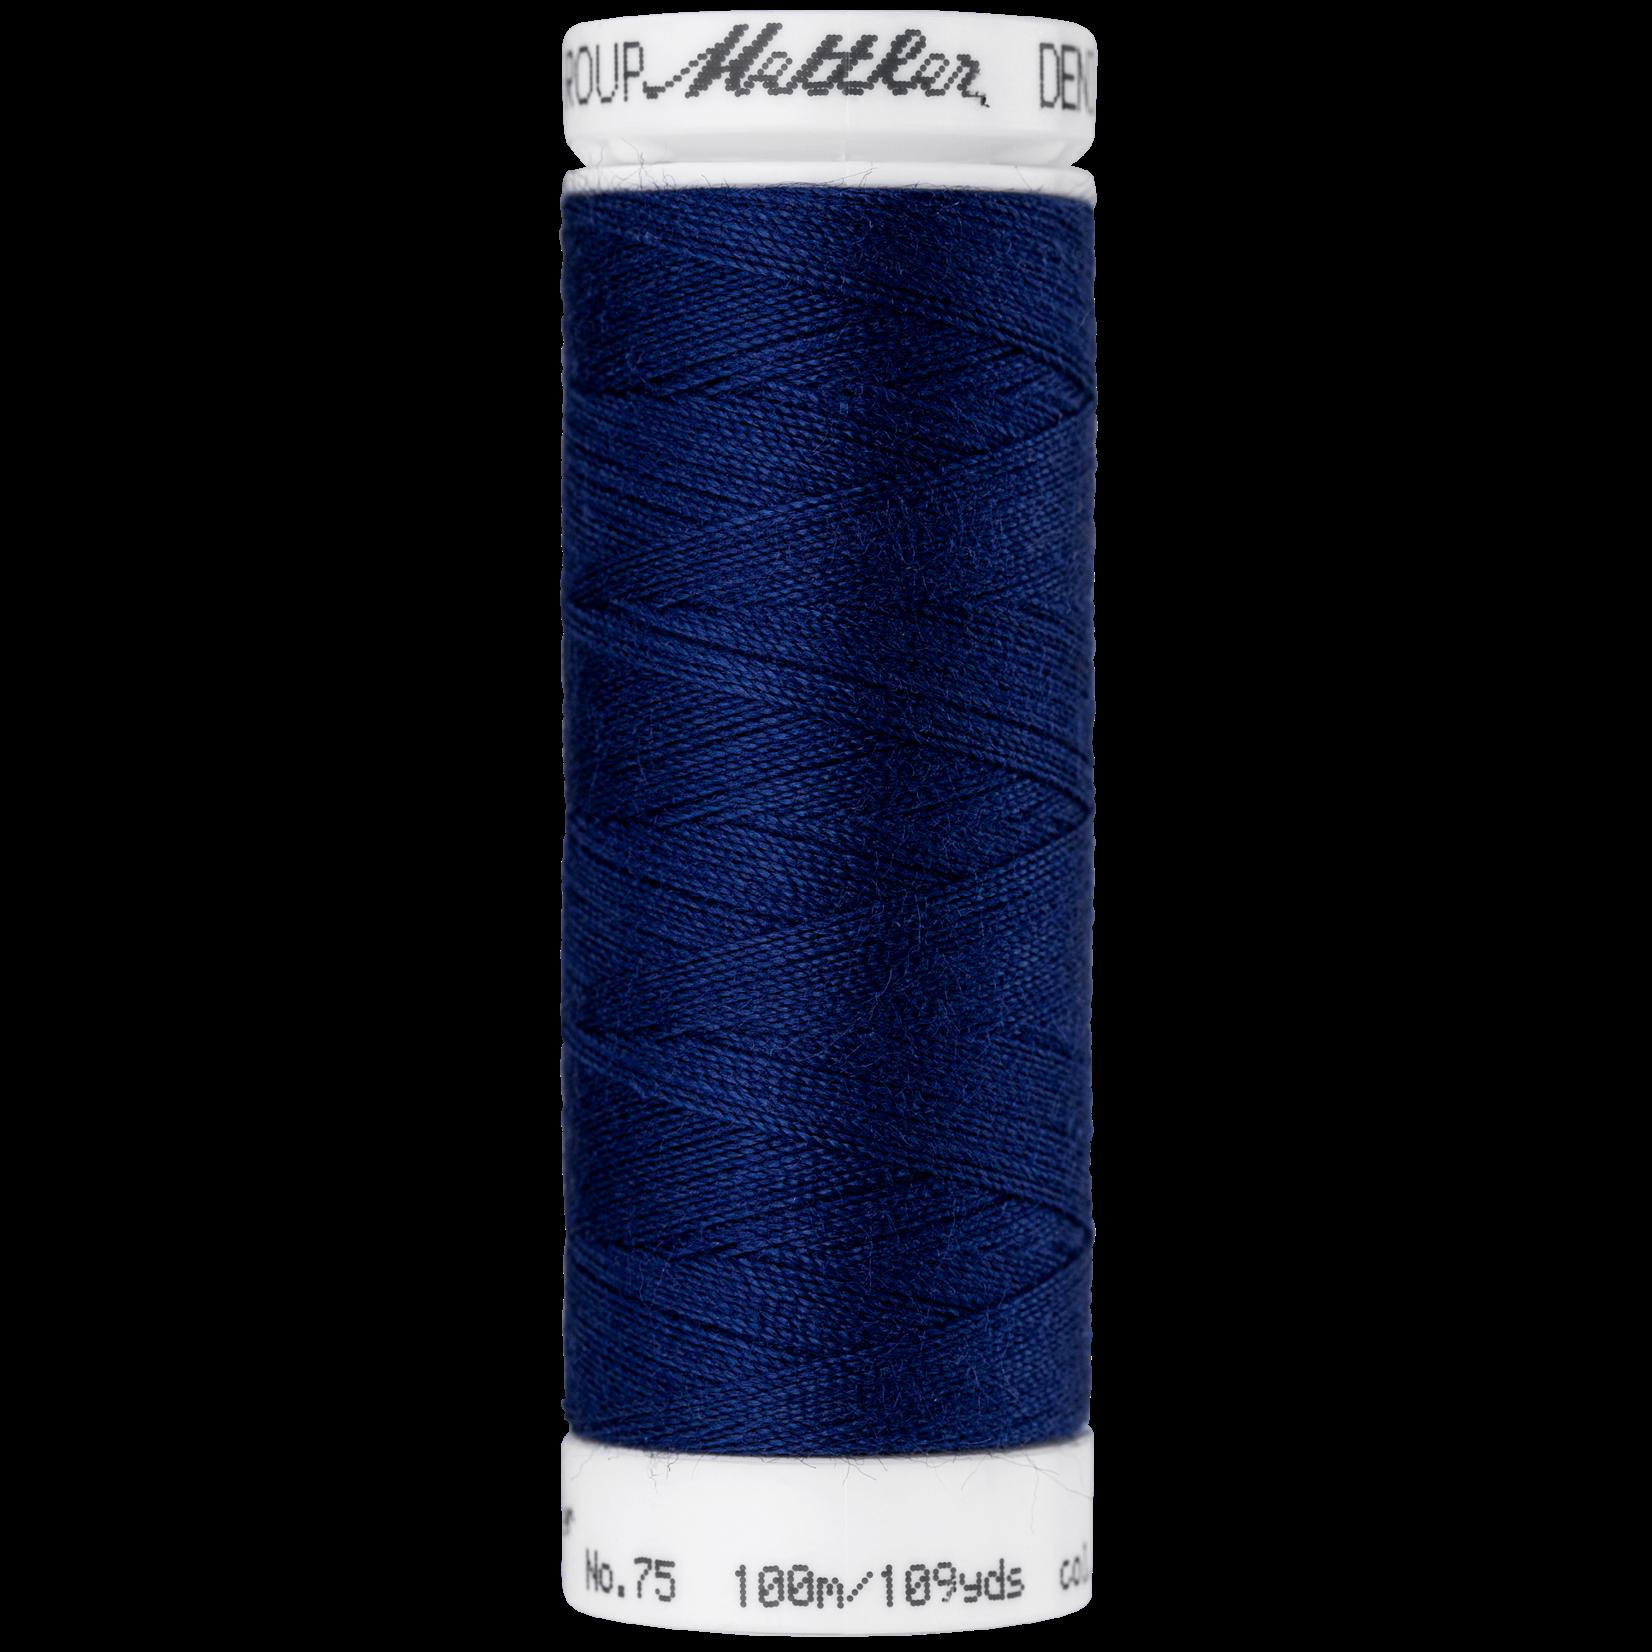 Amann Mettler Denim Doc - #75 - 100 m - 0809 Dark Sapphire Blue